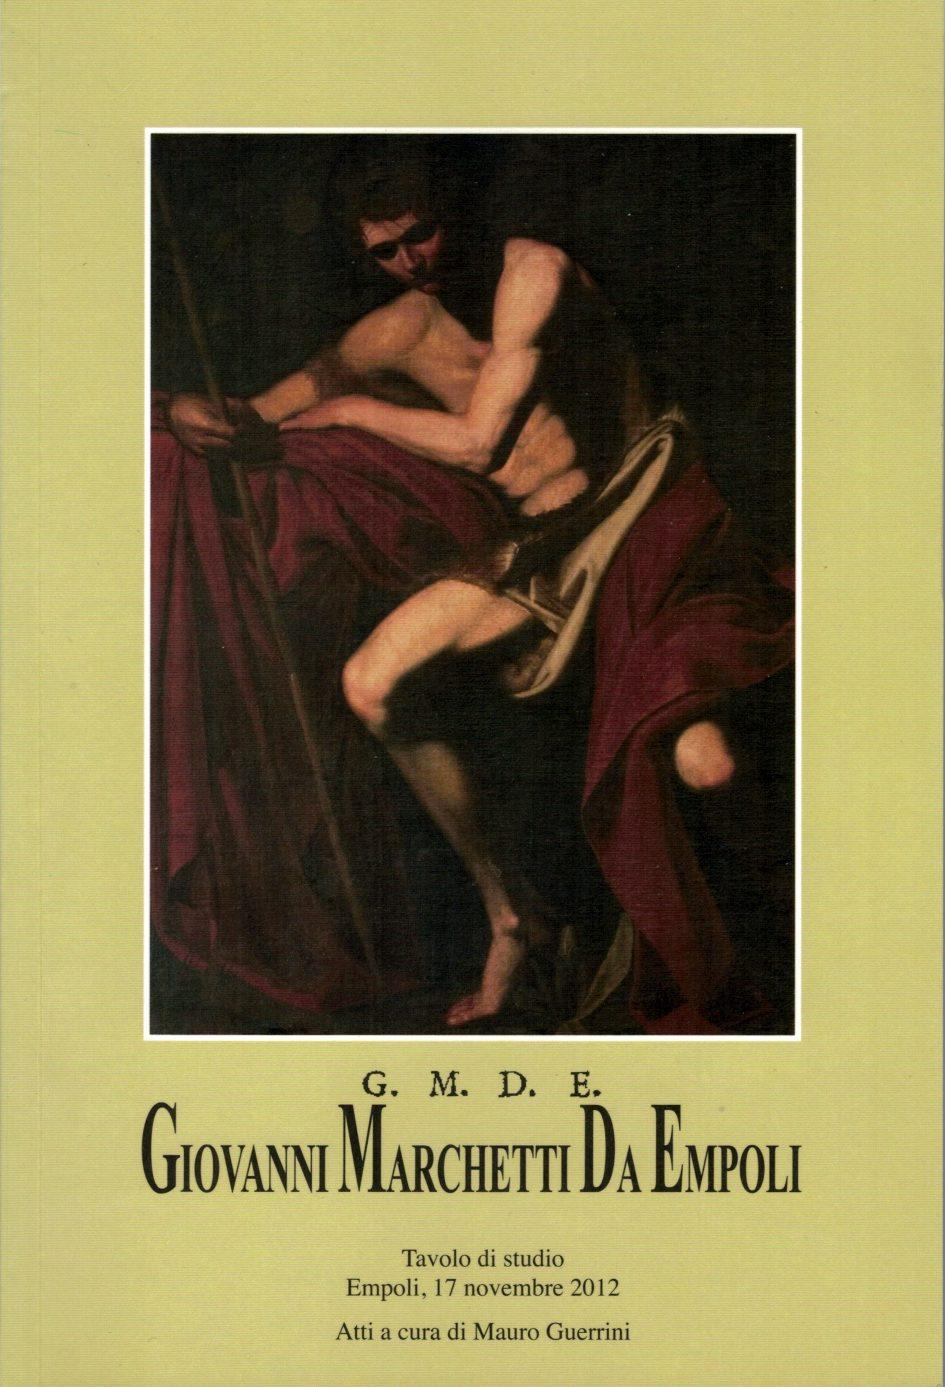 G.M.D.E. Giovanni Marchetti Da Empoli